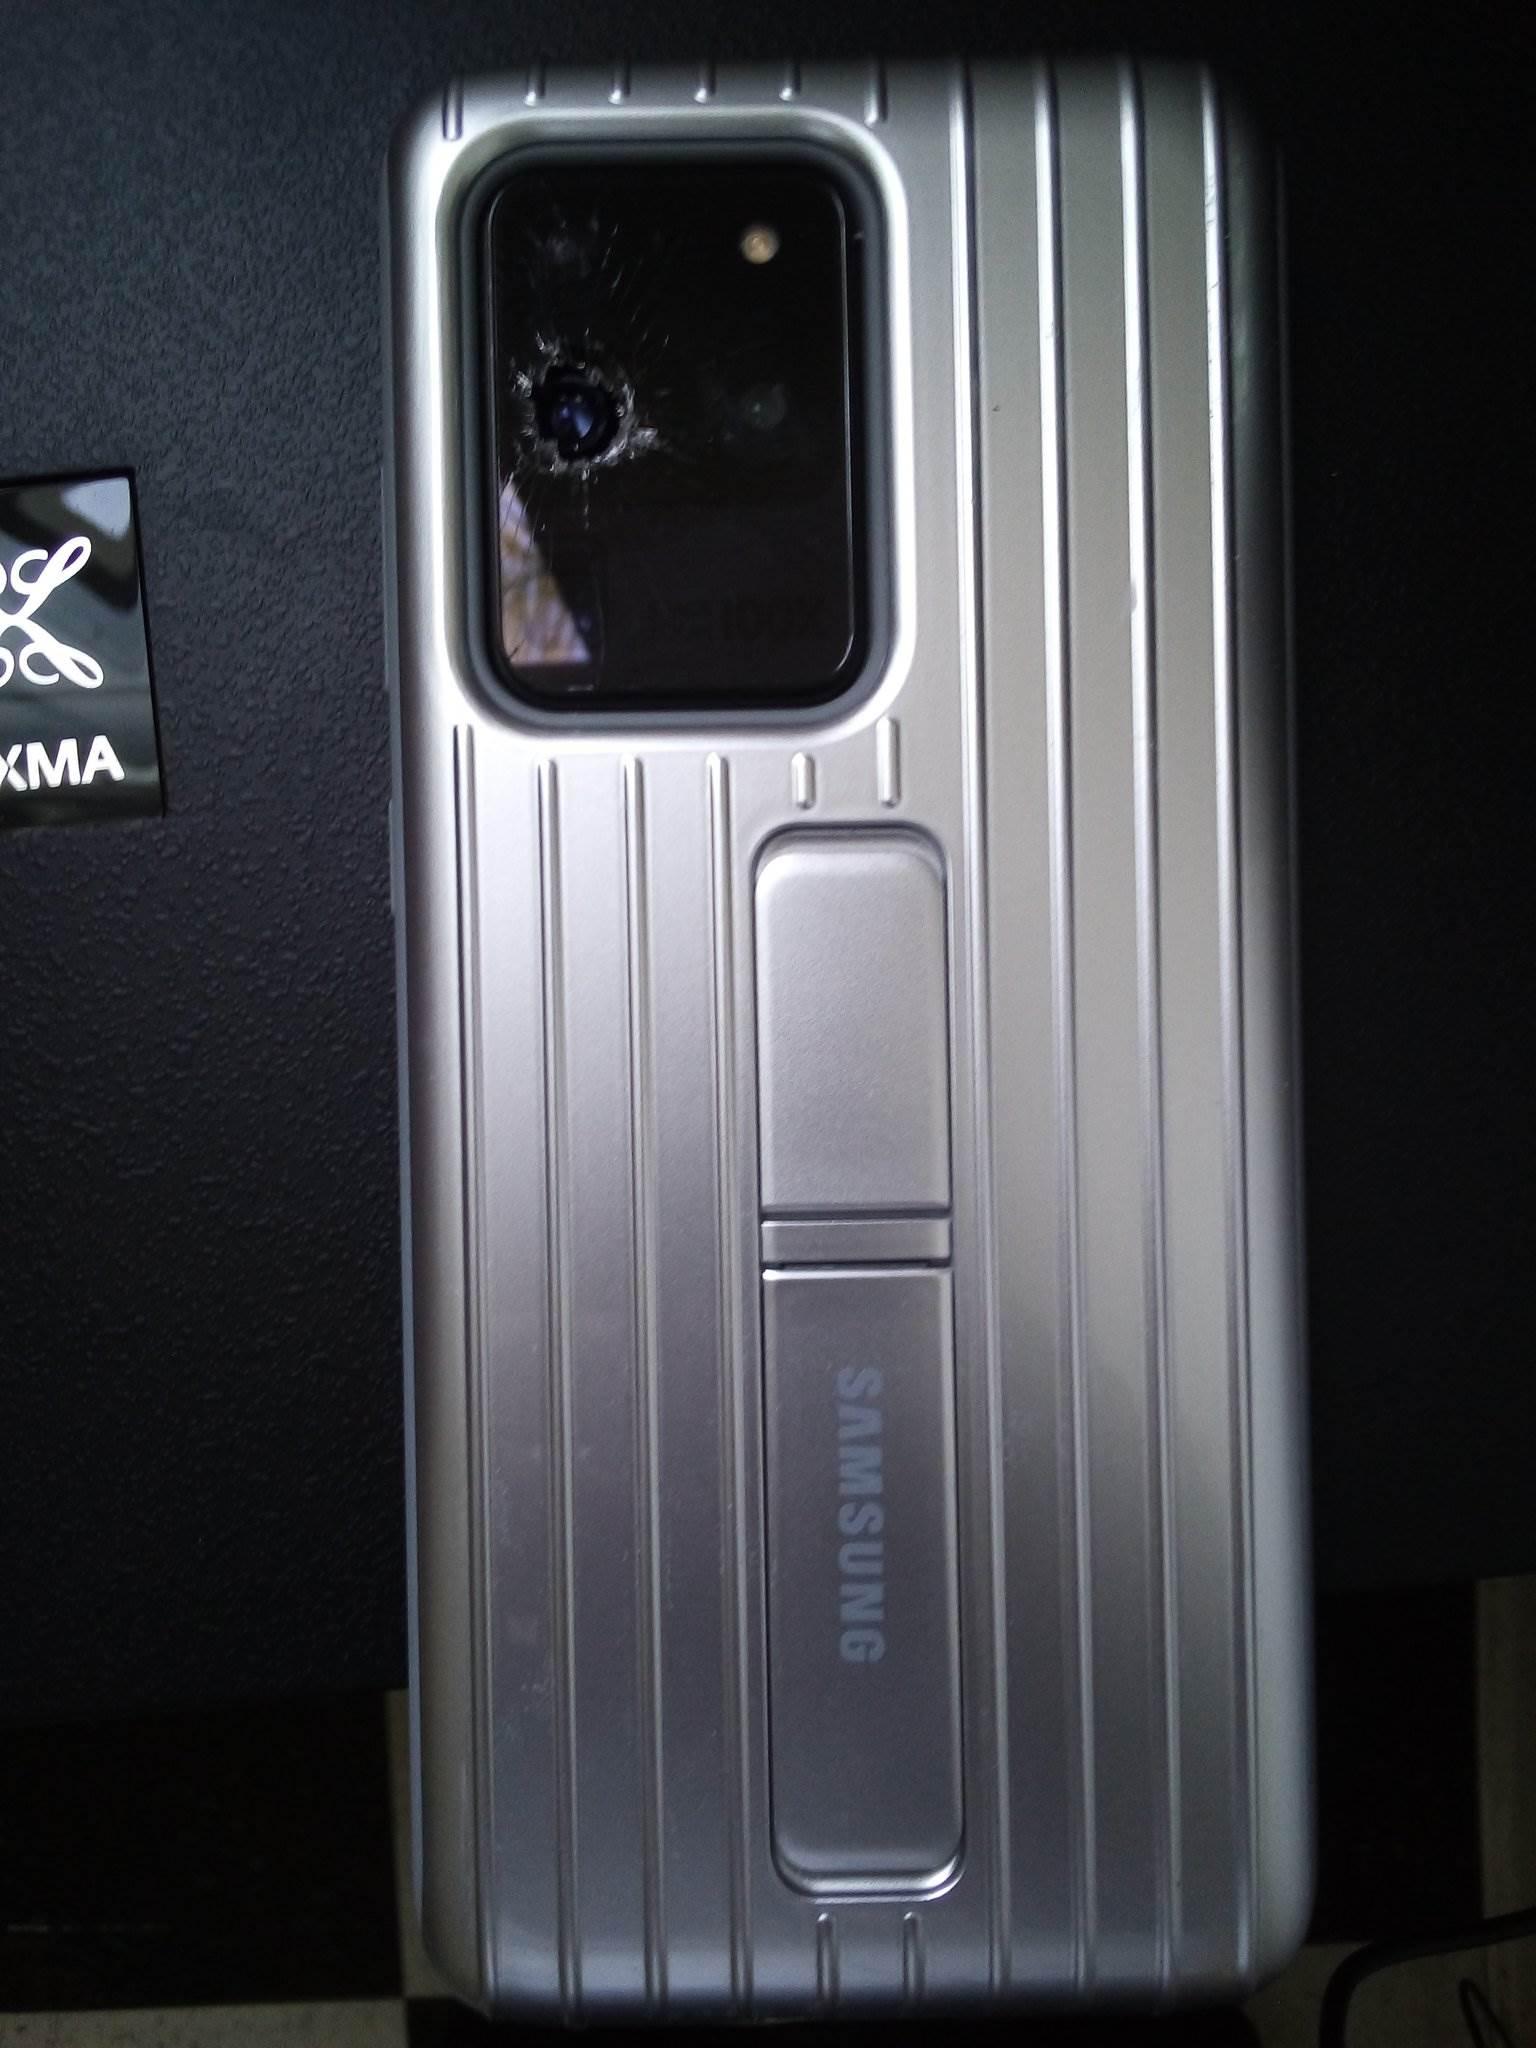 Pękający aparat w Galaxy S20, czyli nowy bardzo dziwny problem Samsunga polecane, ciekawostki pękający aparat, pękające szkło aparatu, Galaxy S20, błąd Galaxy S20  Właściciele Samsunga Galaxy S20 borykają się z nowym bardzo dziwnym problemem, który dotyczy aparatu w ich smartfonach. S20 1